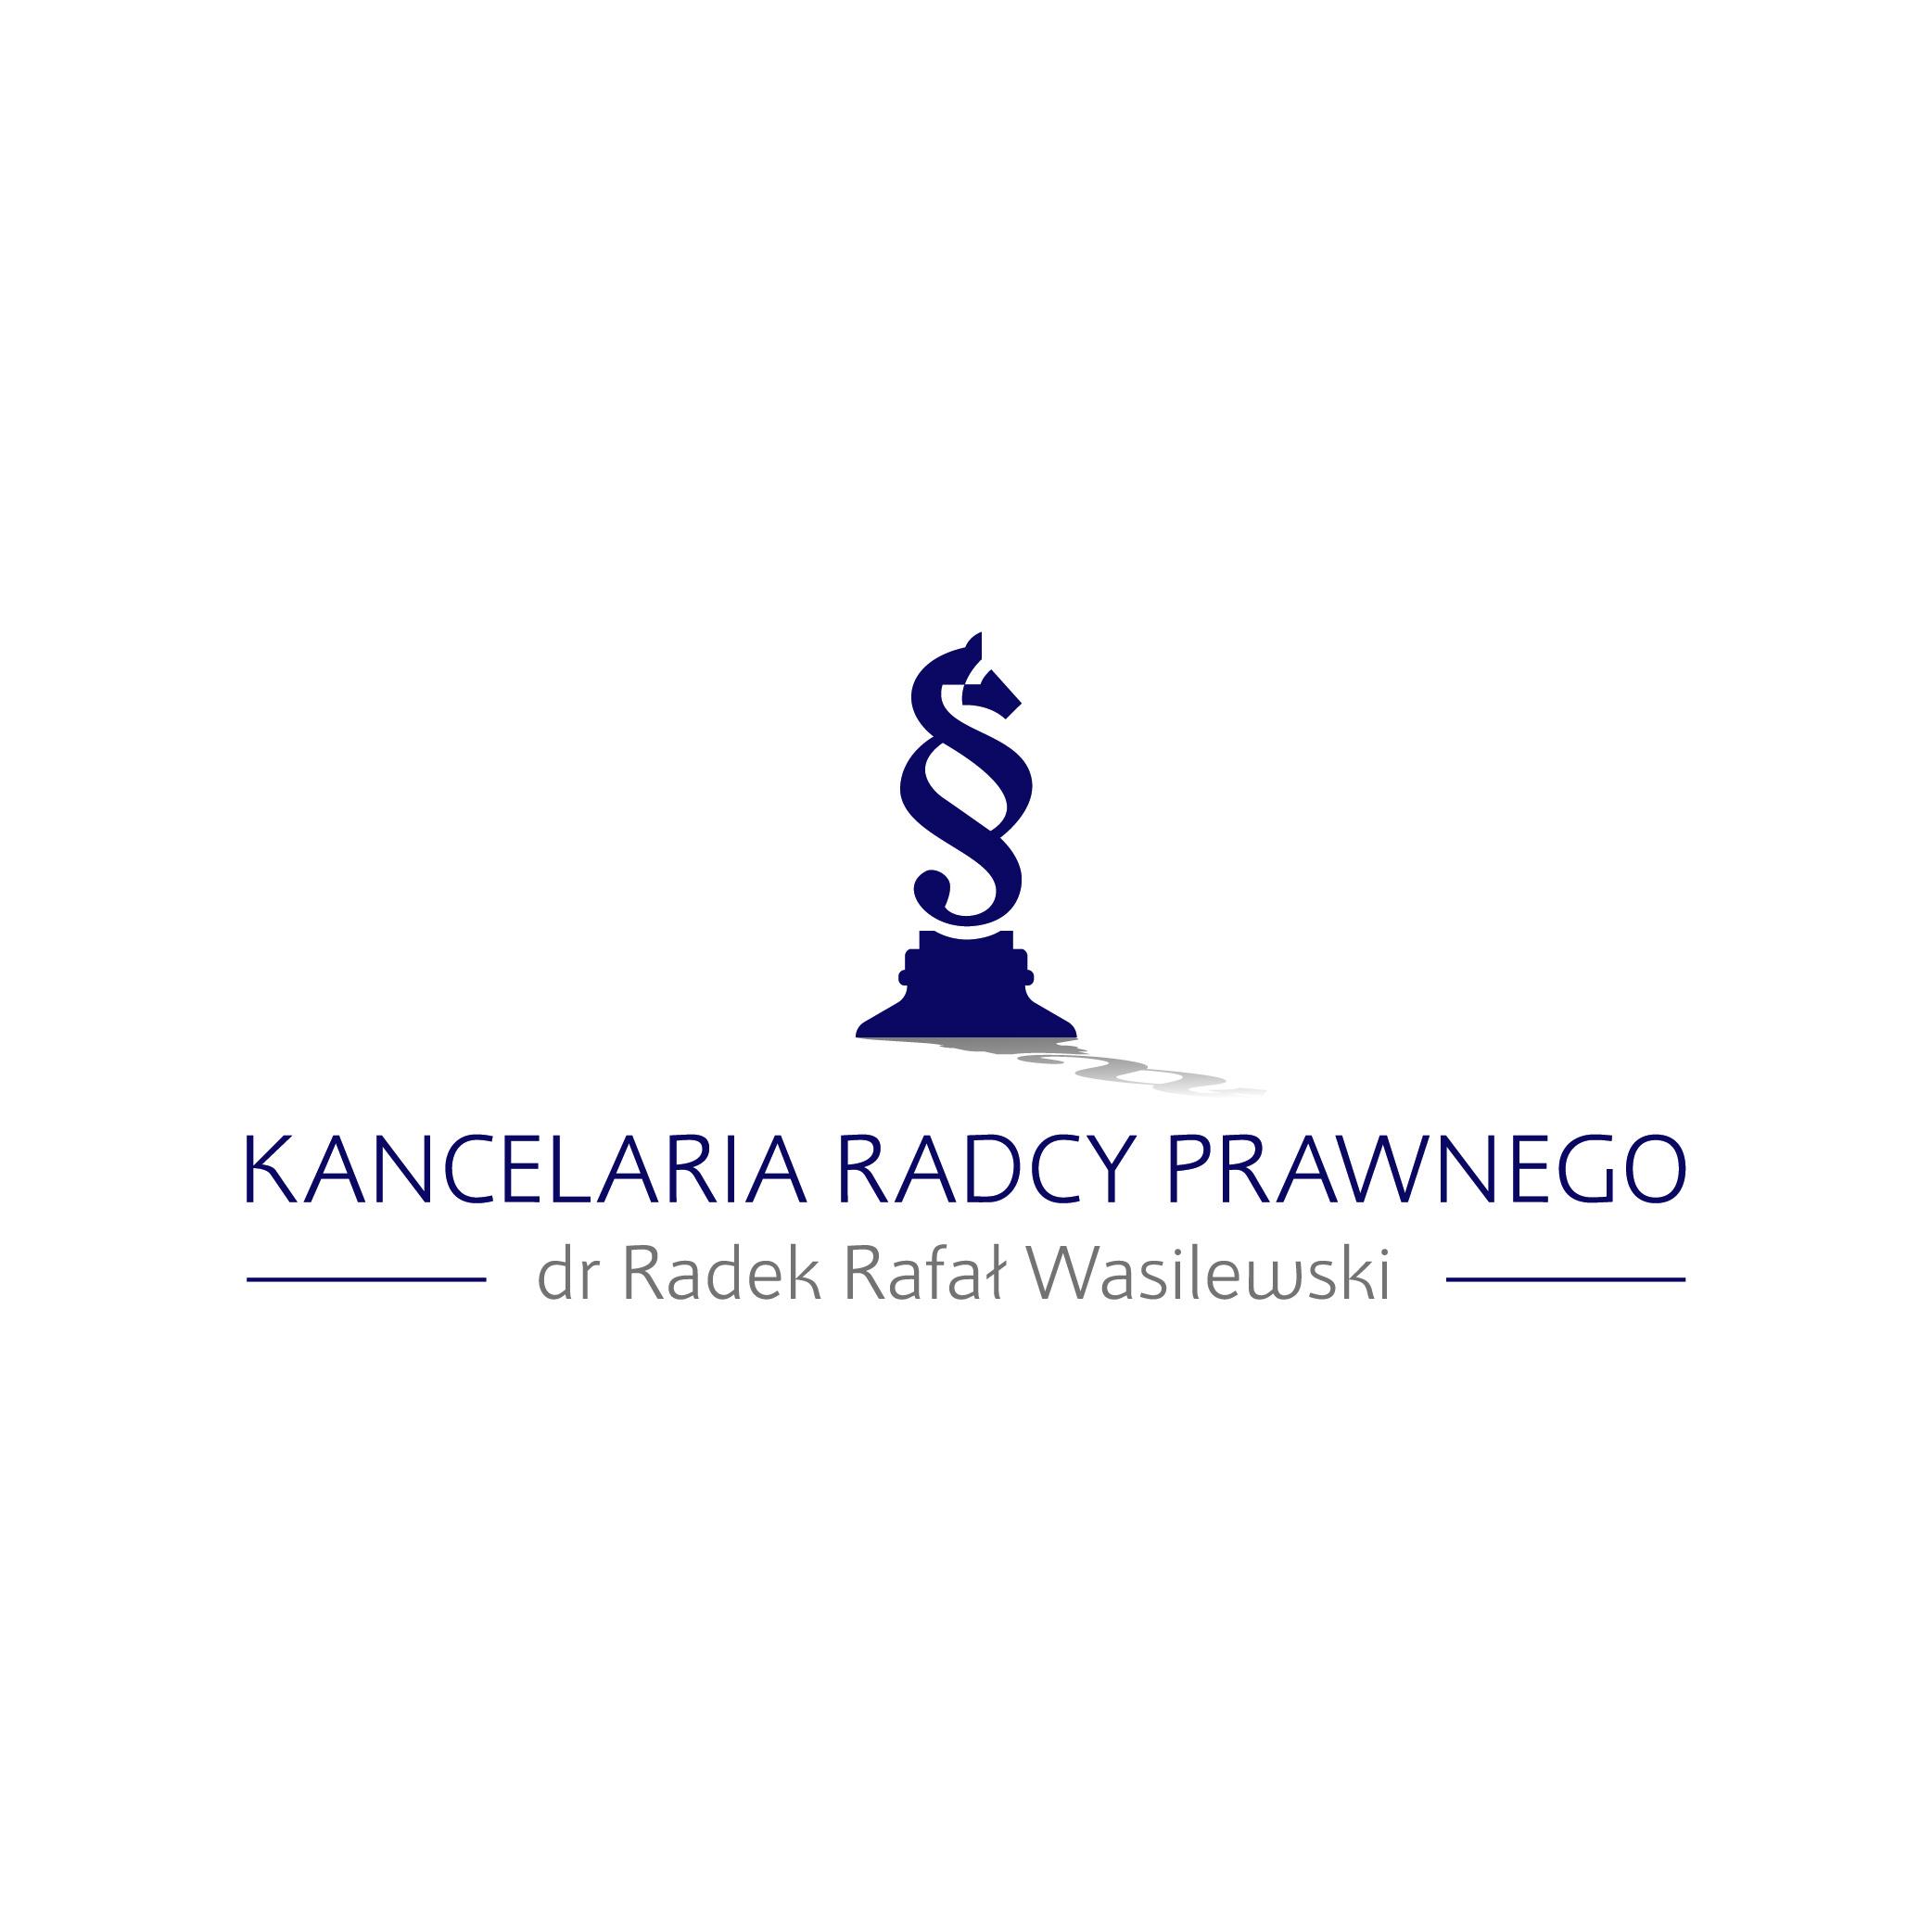 Kancelaria Radcy Prawnego dr Radek Rafał Wasilewski